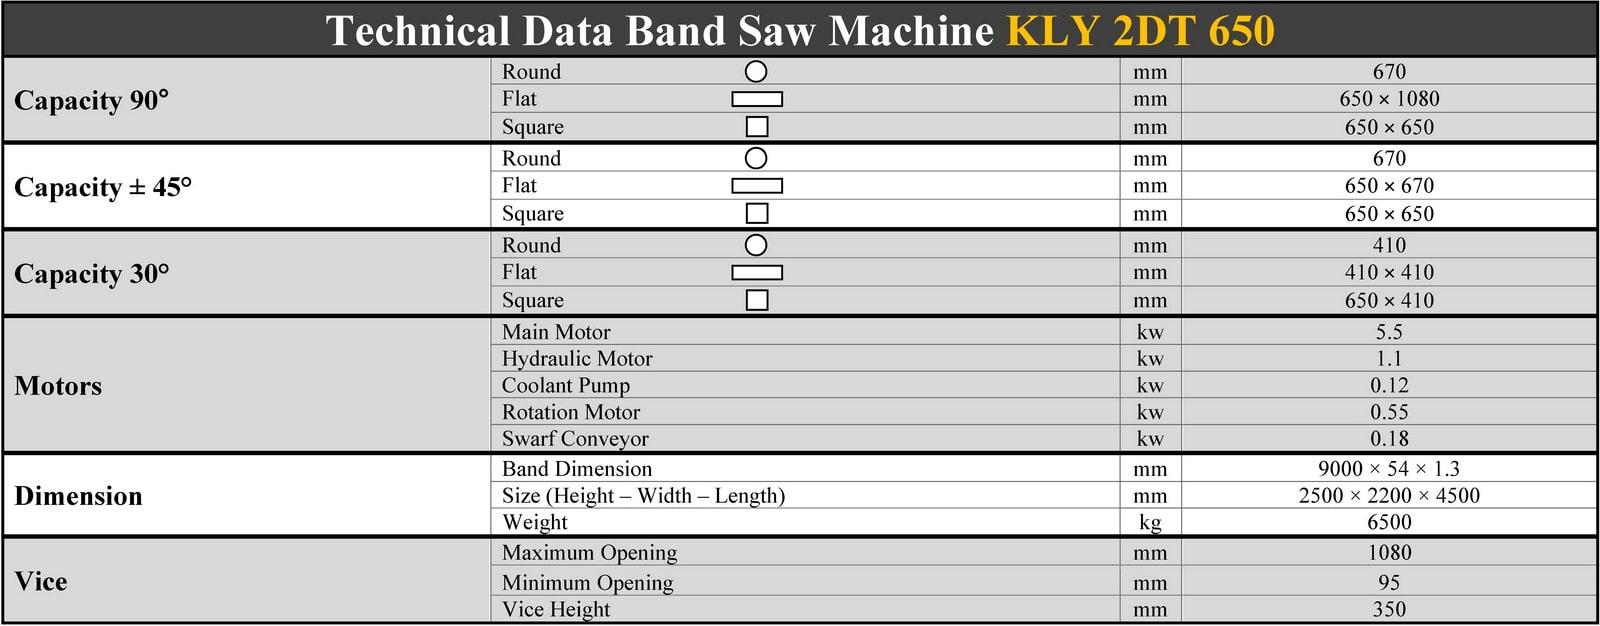 مشخصات فنی دستگاه اره نواری دوستونه دو طرف زاویه زن کسمک - KLY 2DT 650